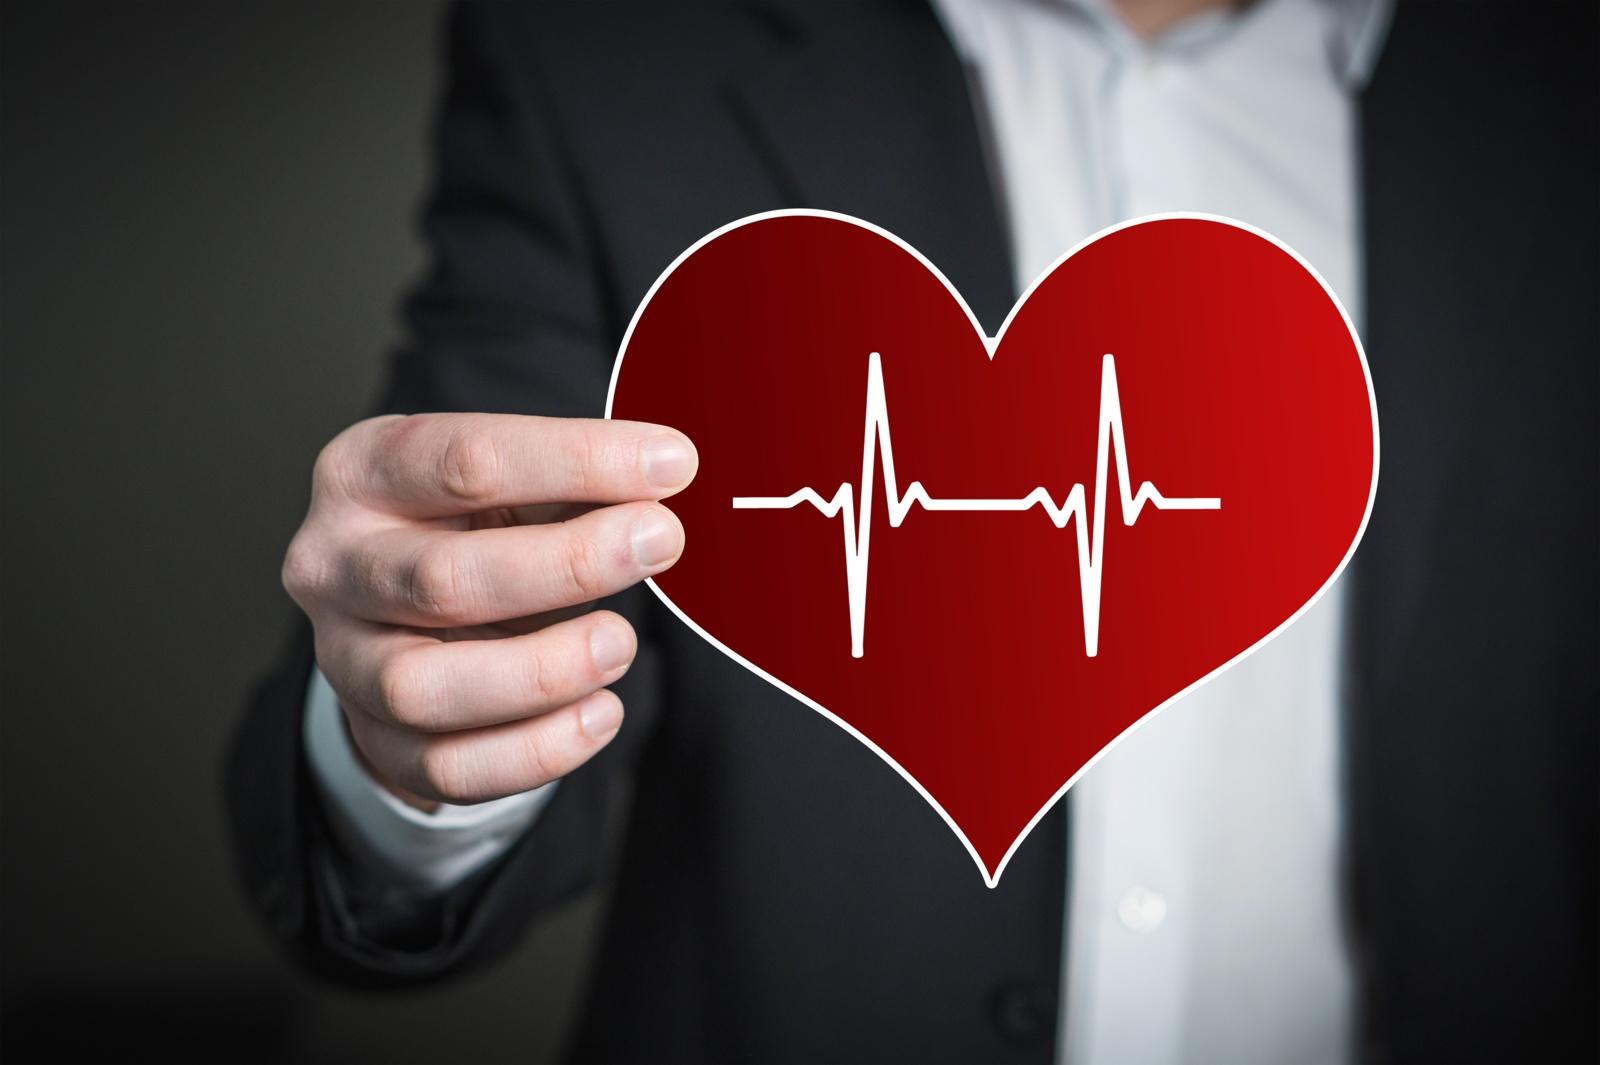 liaudies vaistas nuo hipertenzijos 5 tinktūros apžvalgos